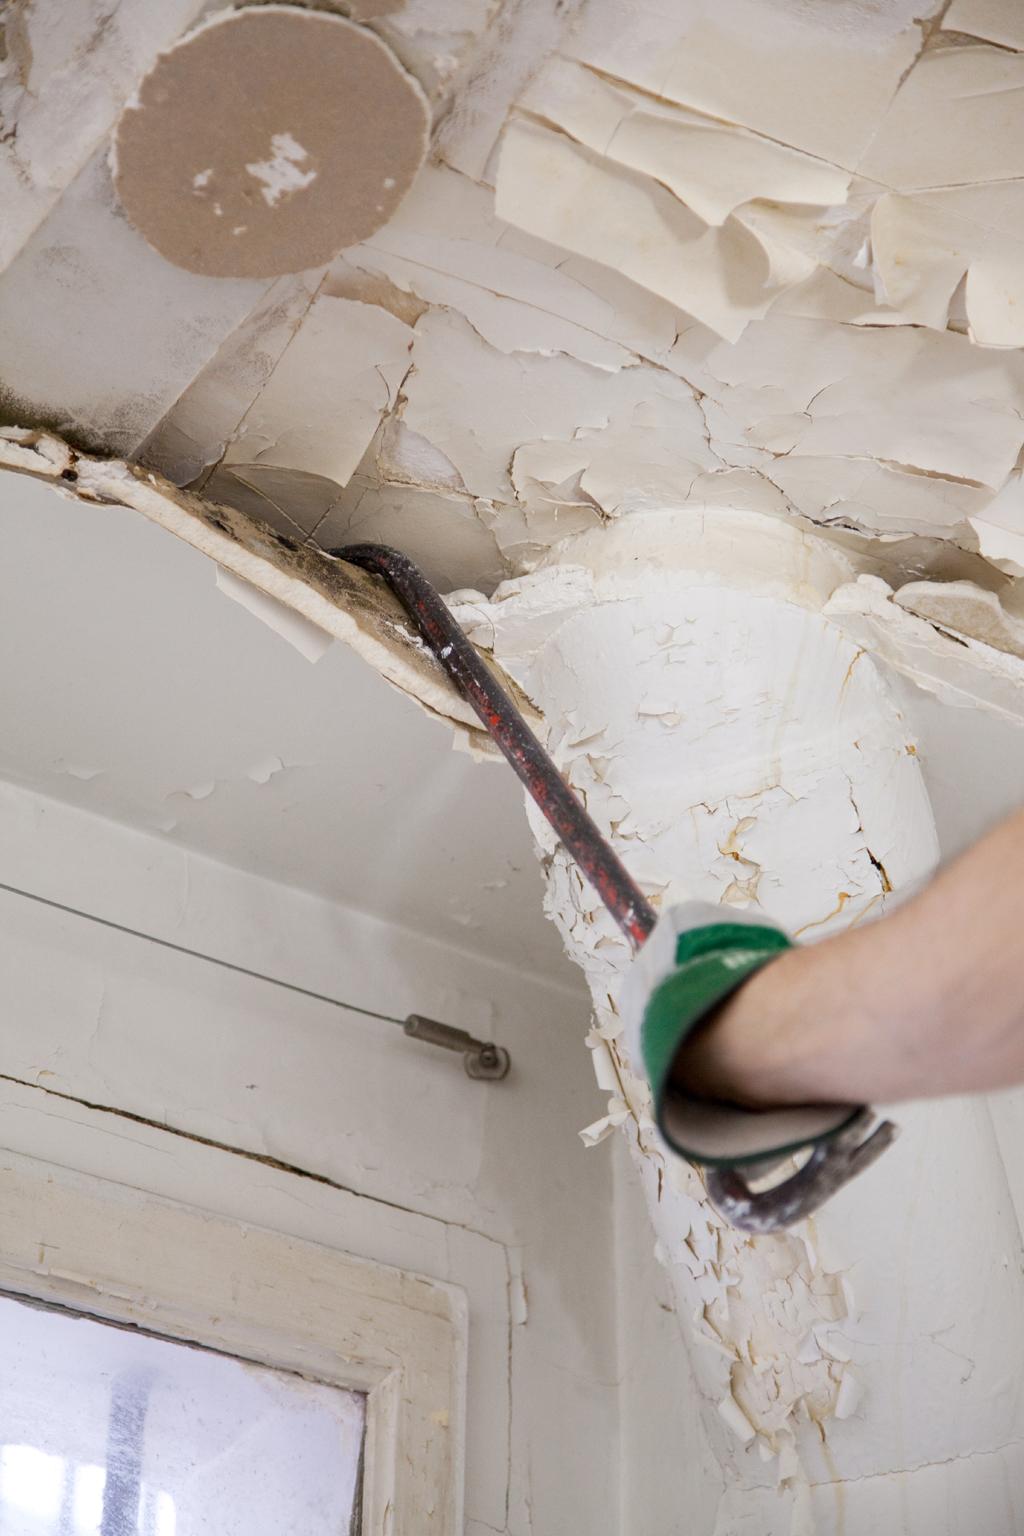 Installer faux plafond elegant fauxplafond modeles with installer faux plafond top jinstalle - Comment monter un faux plafond en pvc ...